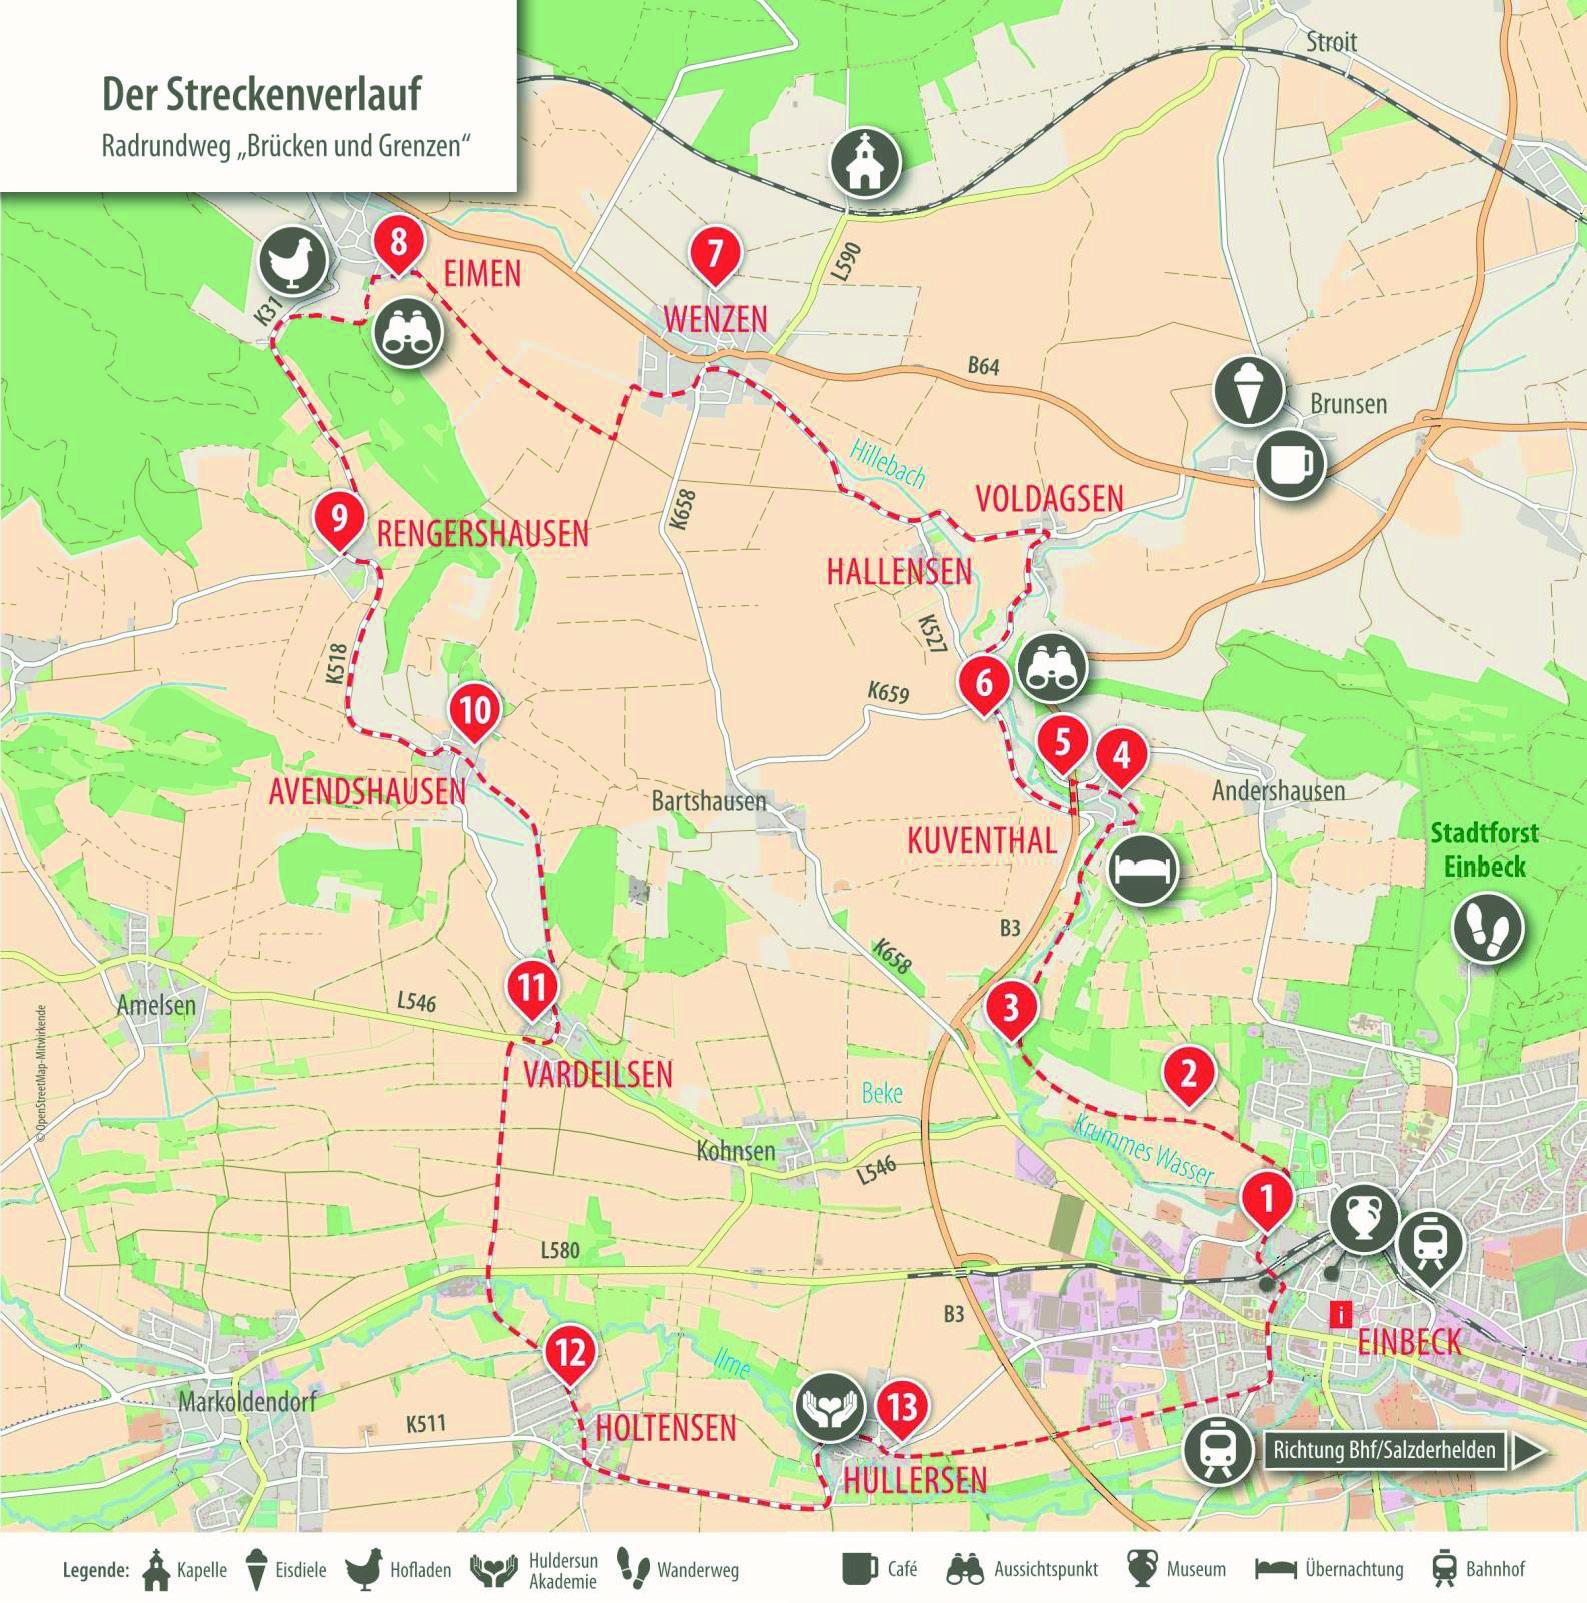 Karte Radrundweg Brücken und Grenzen